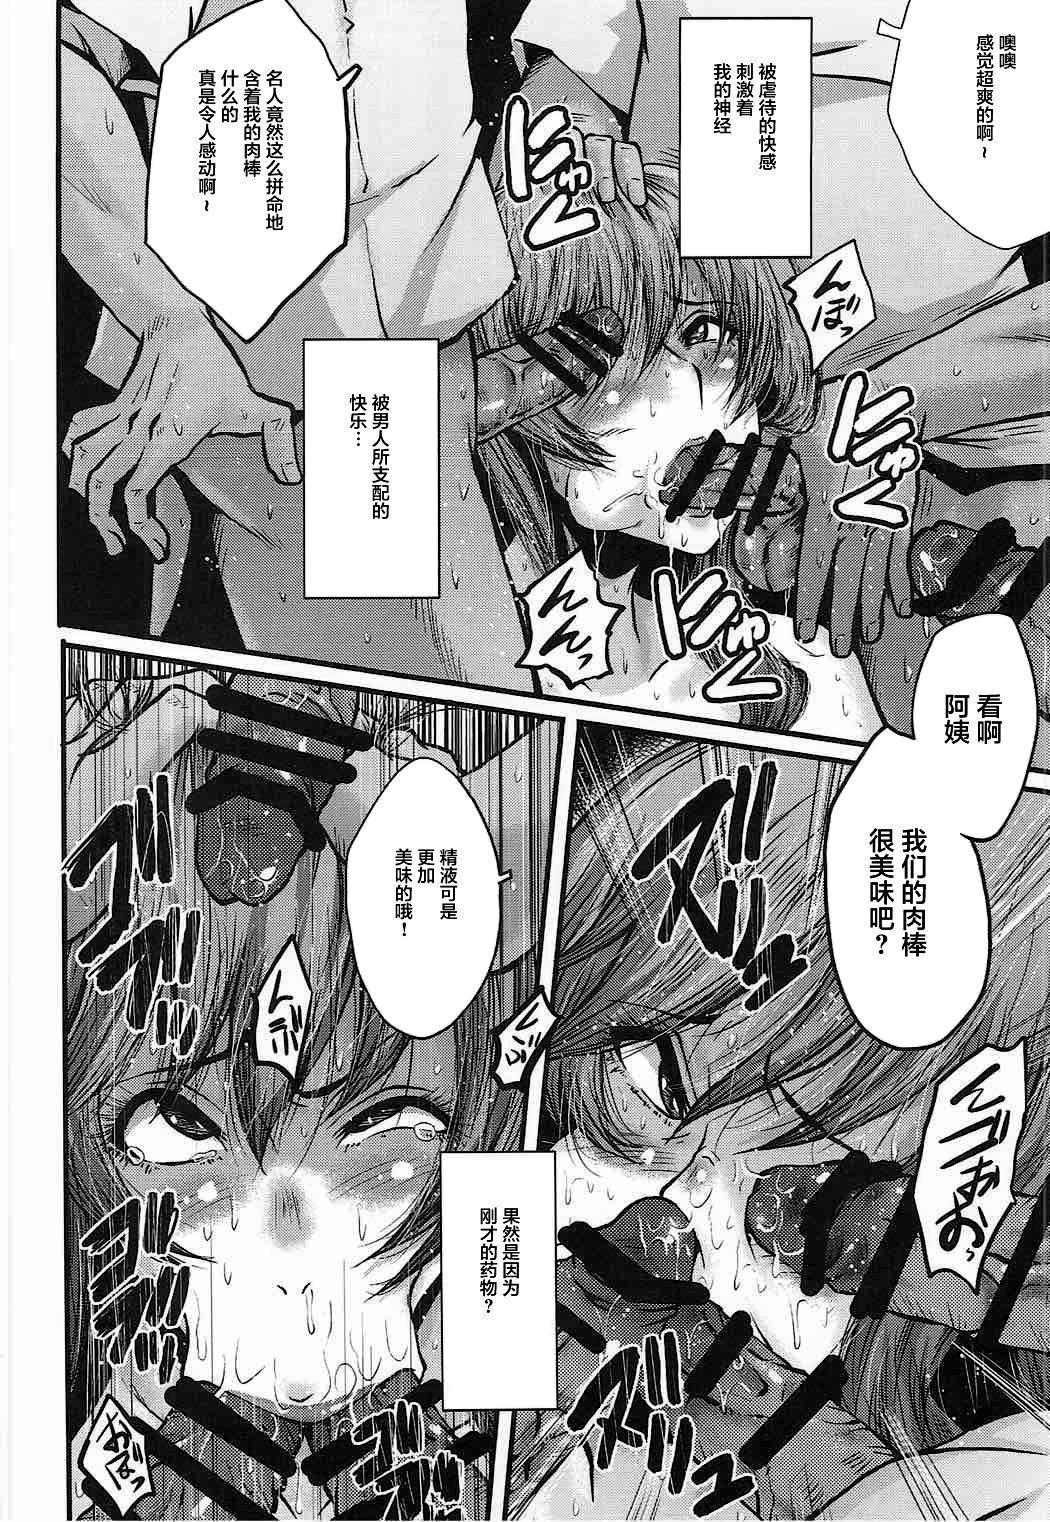 Urabambi Vol. 55 Yuukan Madam no Shiroi Niku 10